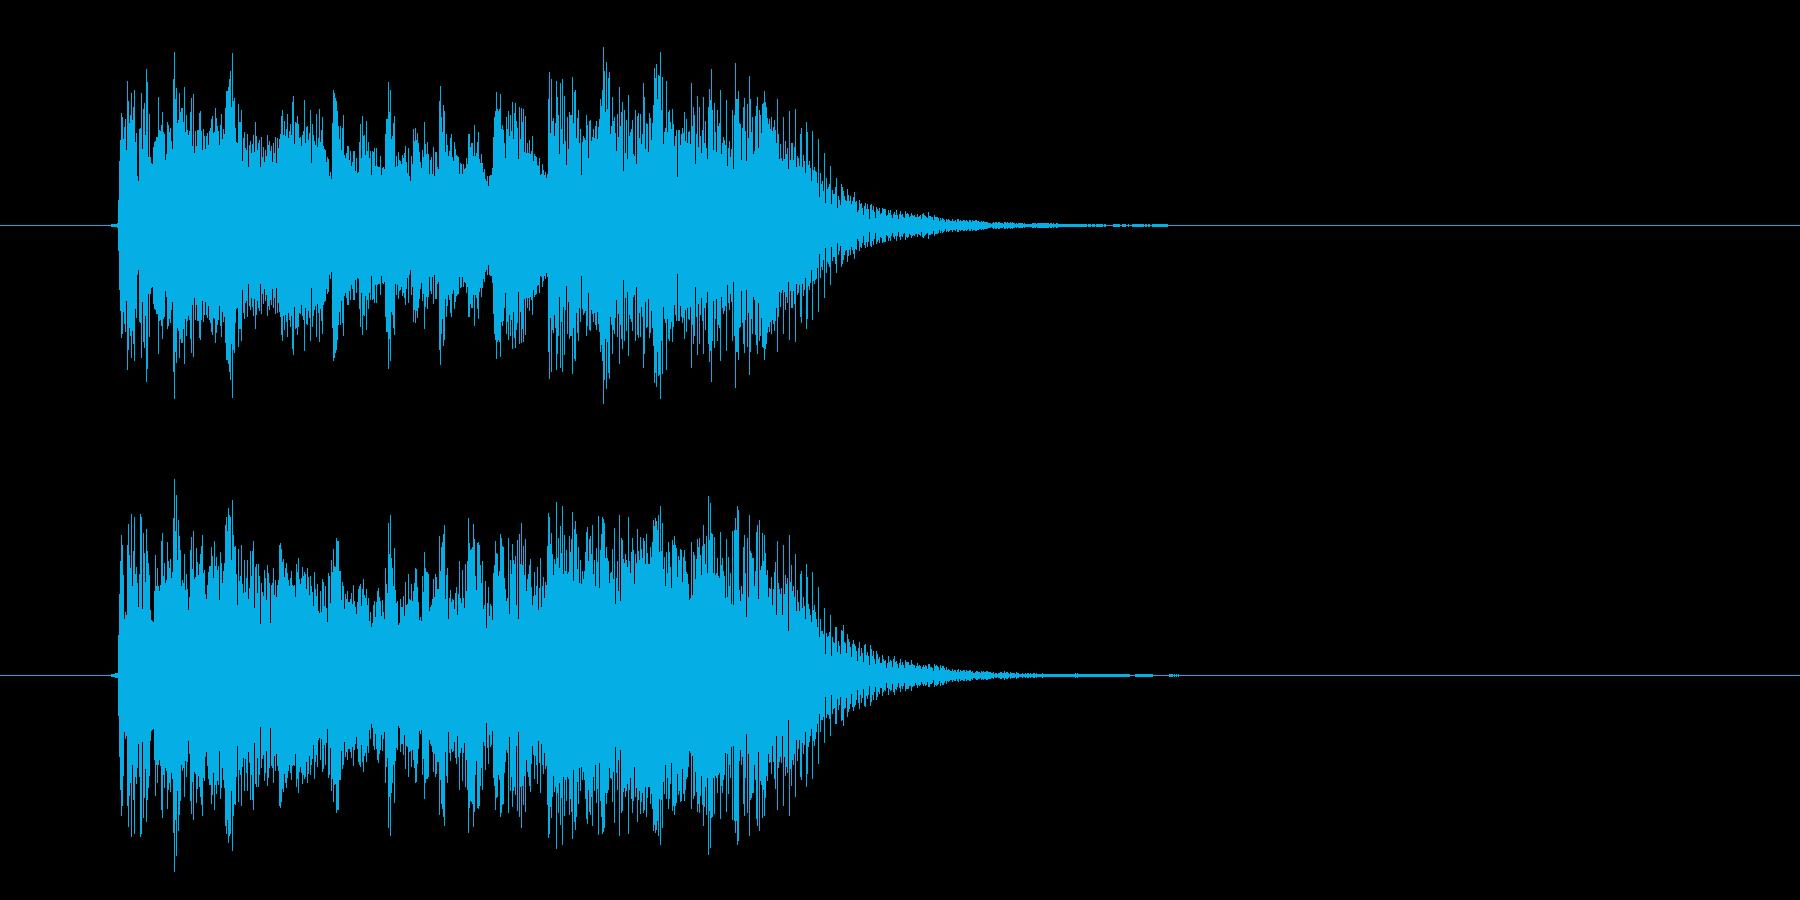 スピード感あるハイテクなジングルサウンドの再生済みの波形